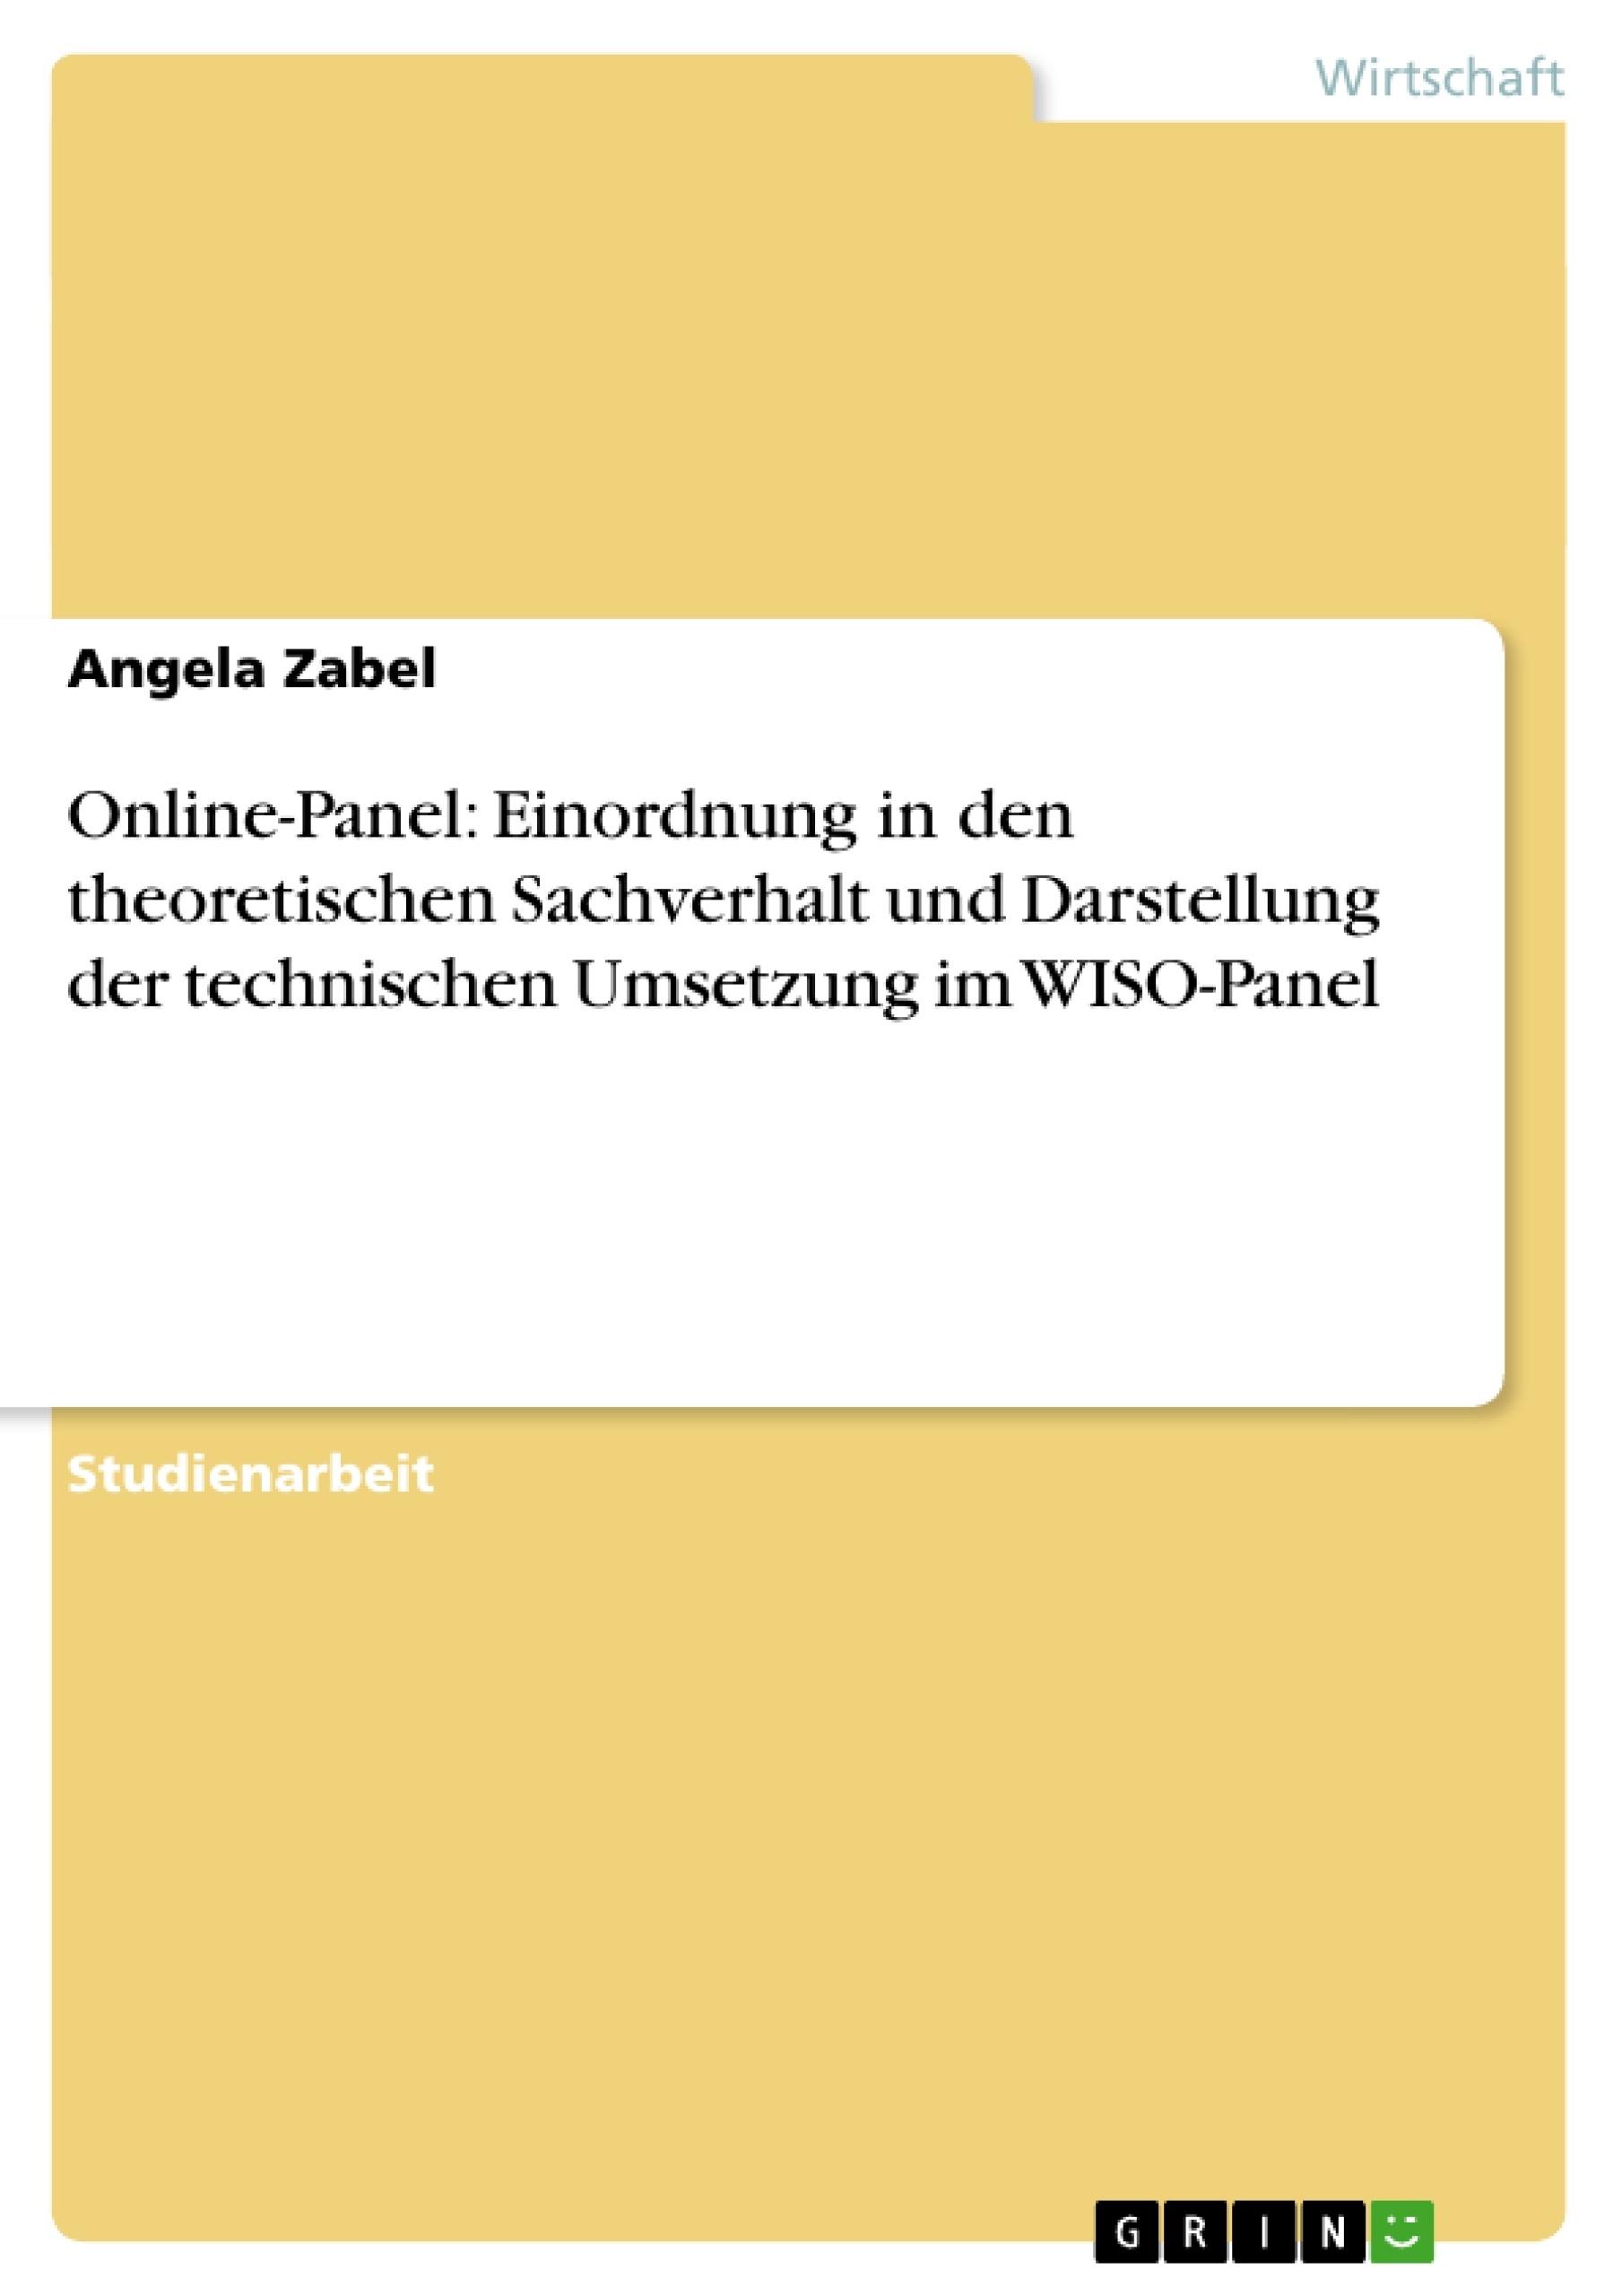 Titel: Online-Panel: Einordnung in den theoretischen Sachverhalt und Darstellung der technischen Umsetzung im WISO-Panel